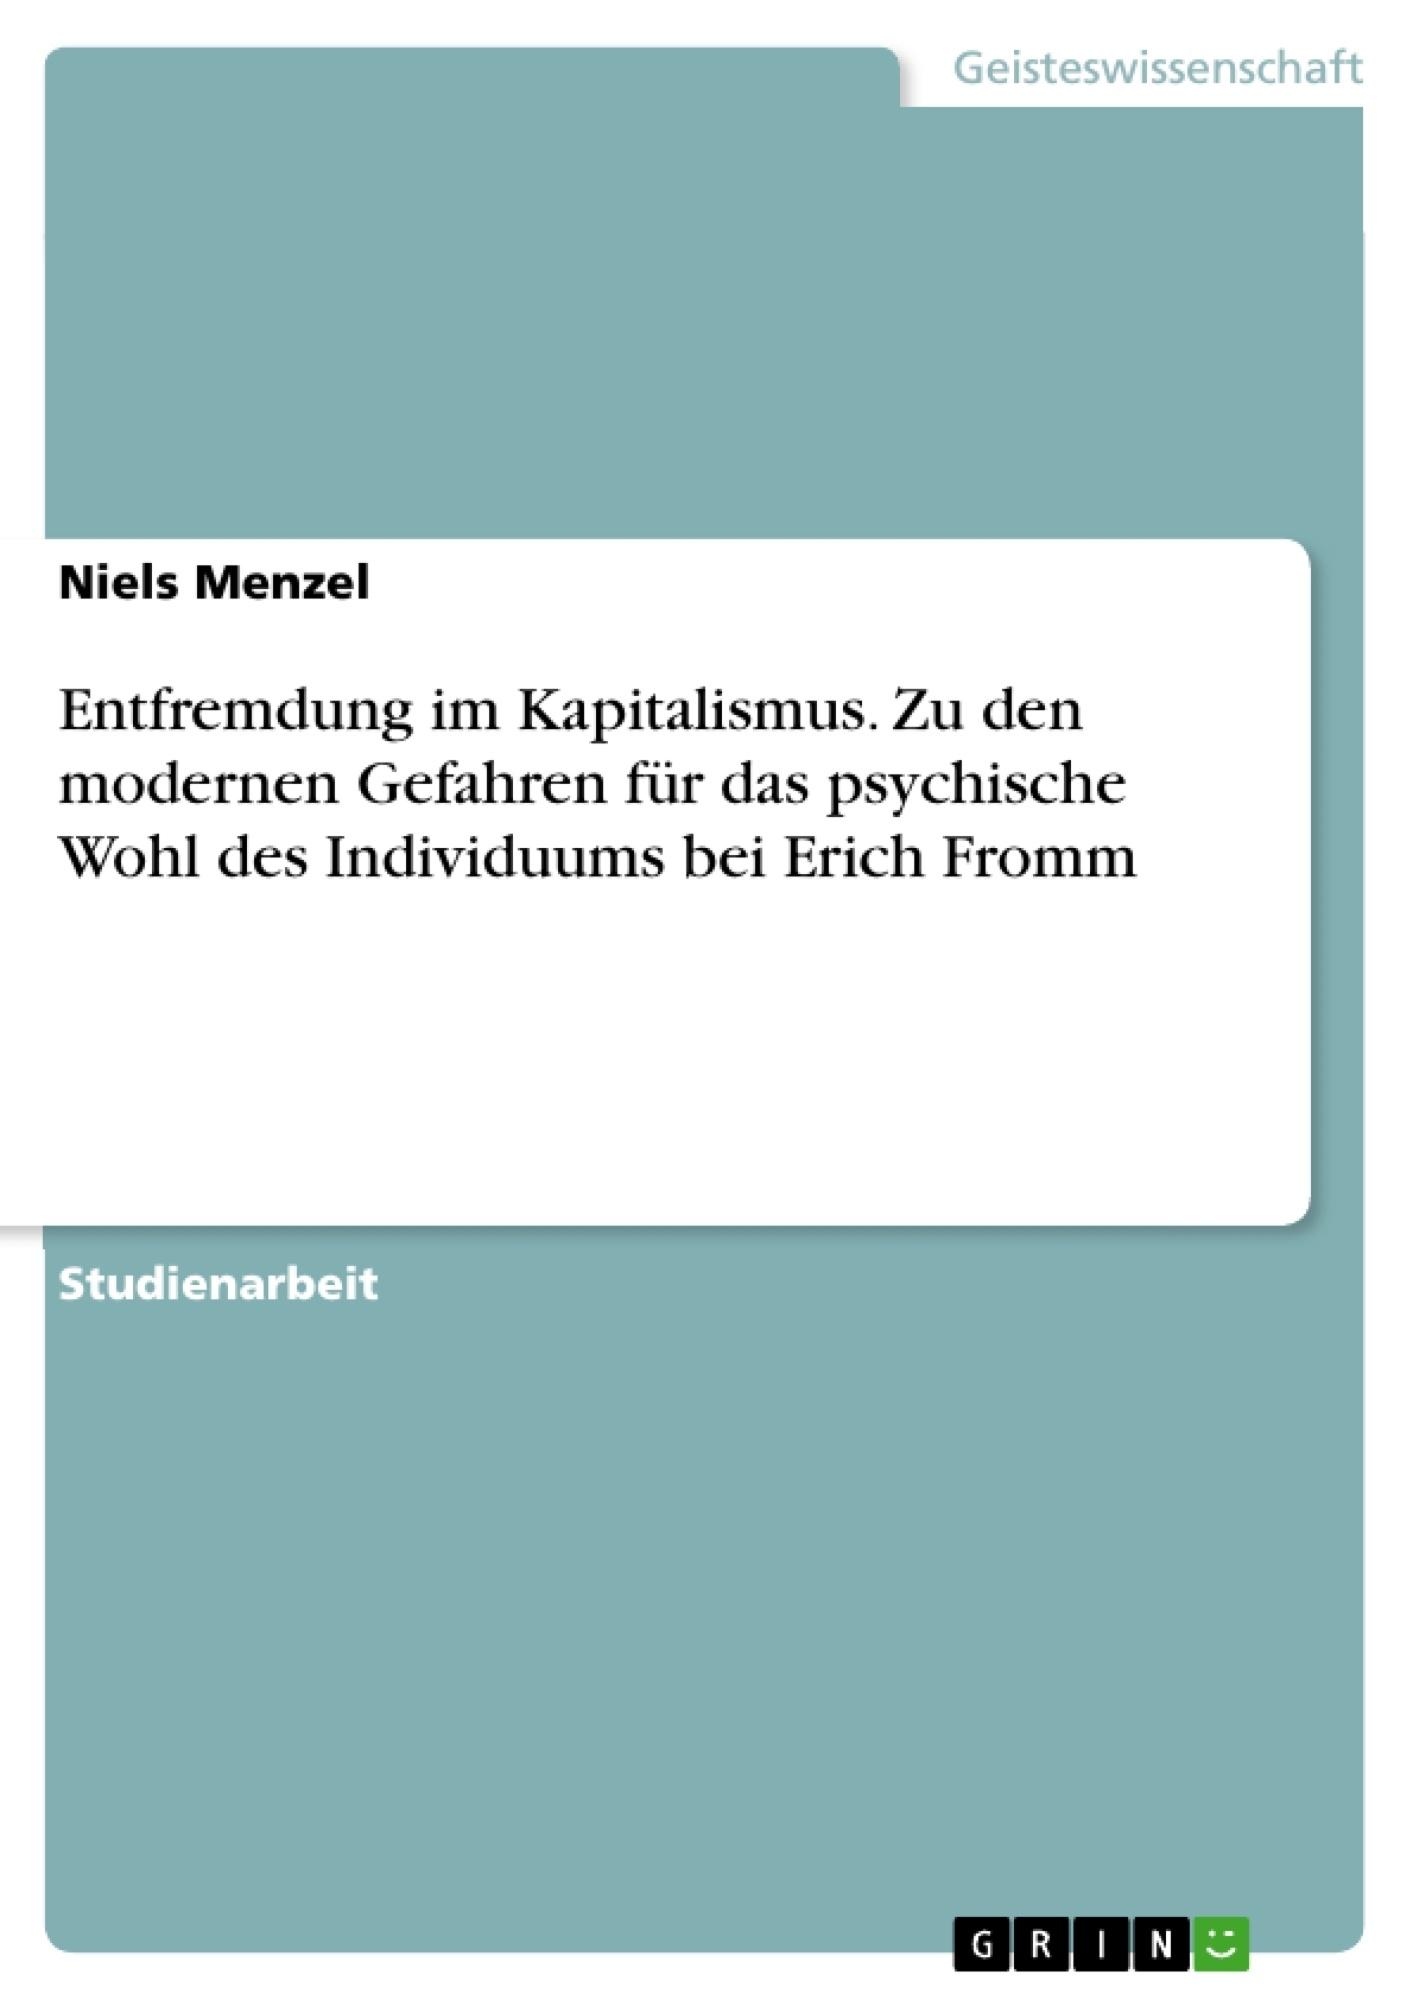 Titel: Entfremdung im Kapitalismus. Zu den modernen Gefahren für das psychische Wohl des Individuums bei Erich Fromm